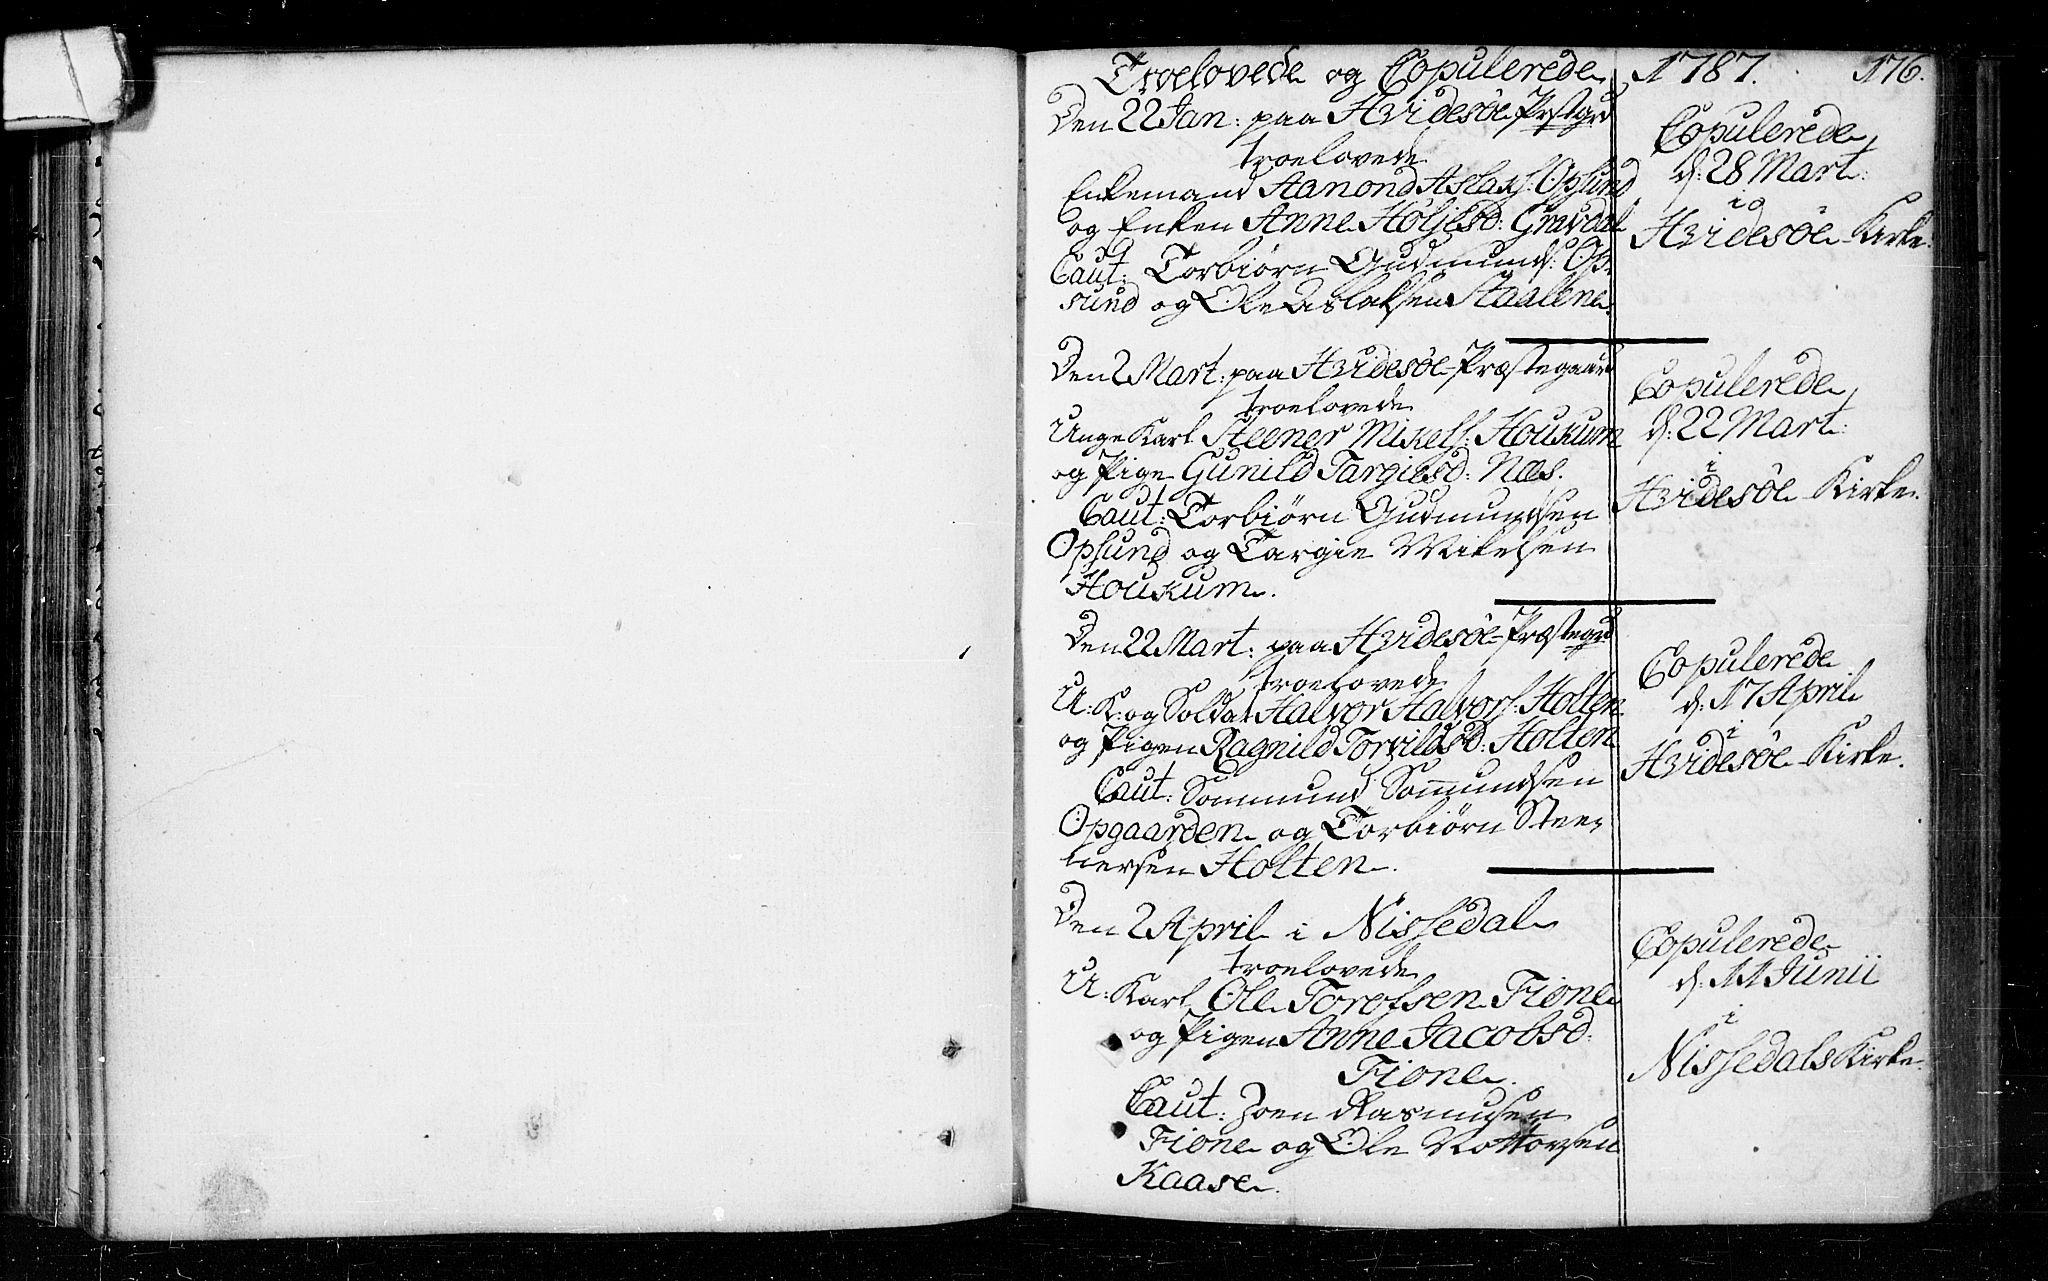 SAKO, Kviteseid kirkebøker, F/Fa/L0003: Ministerialbok nr. I 3, 1787-1799, s. 176